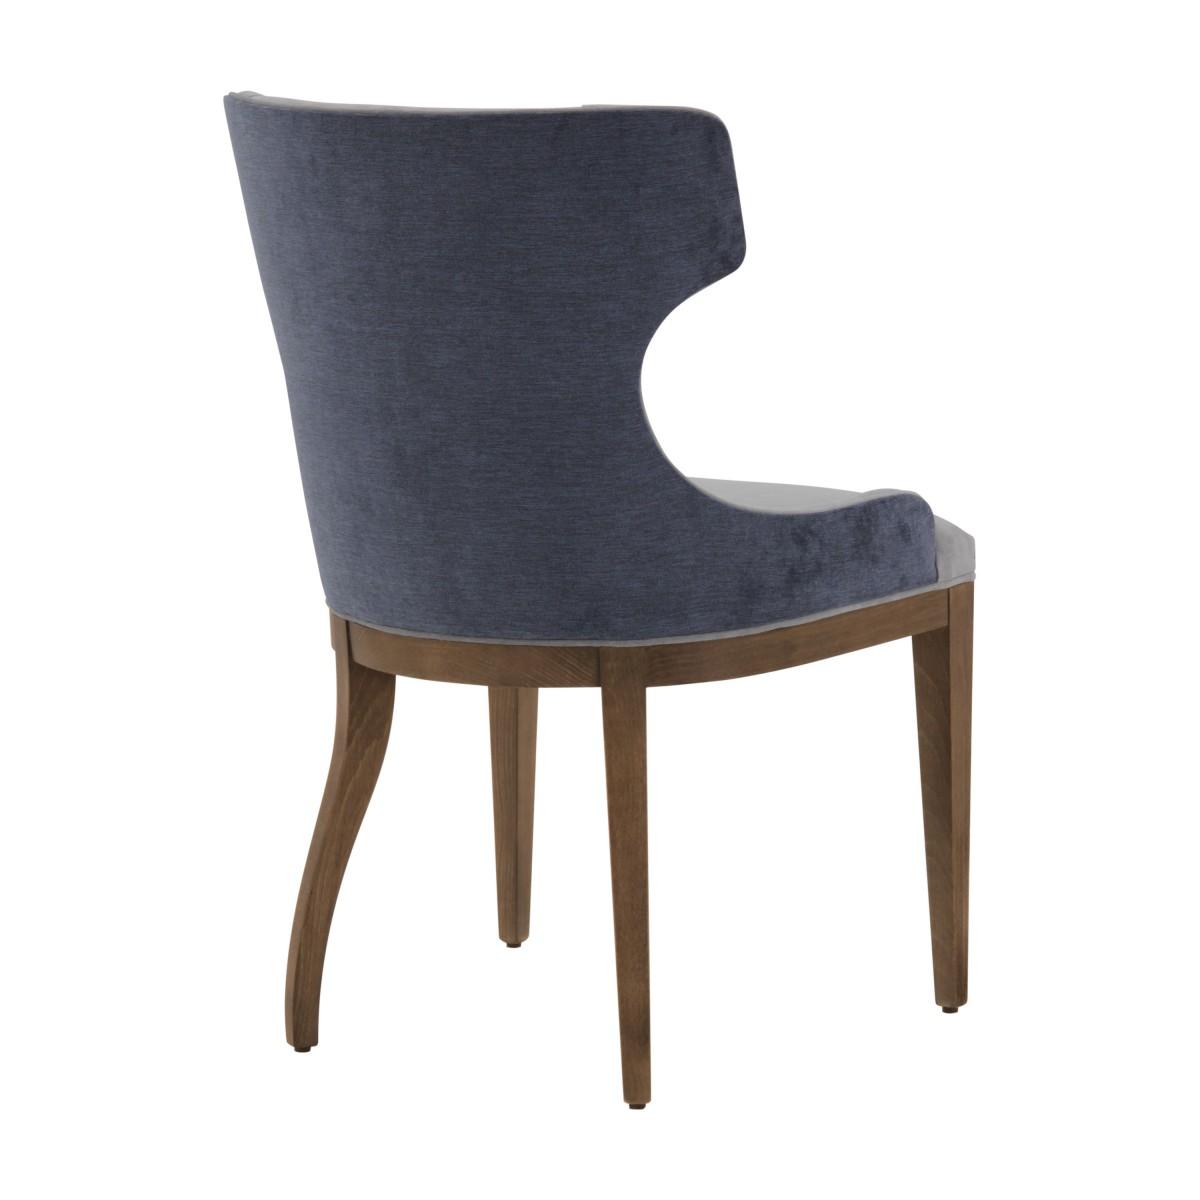 italian contemporary chair rachele 2 4777